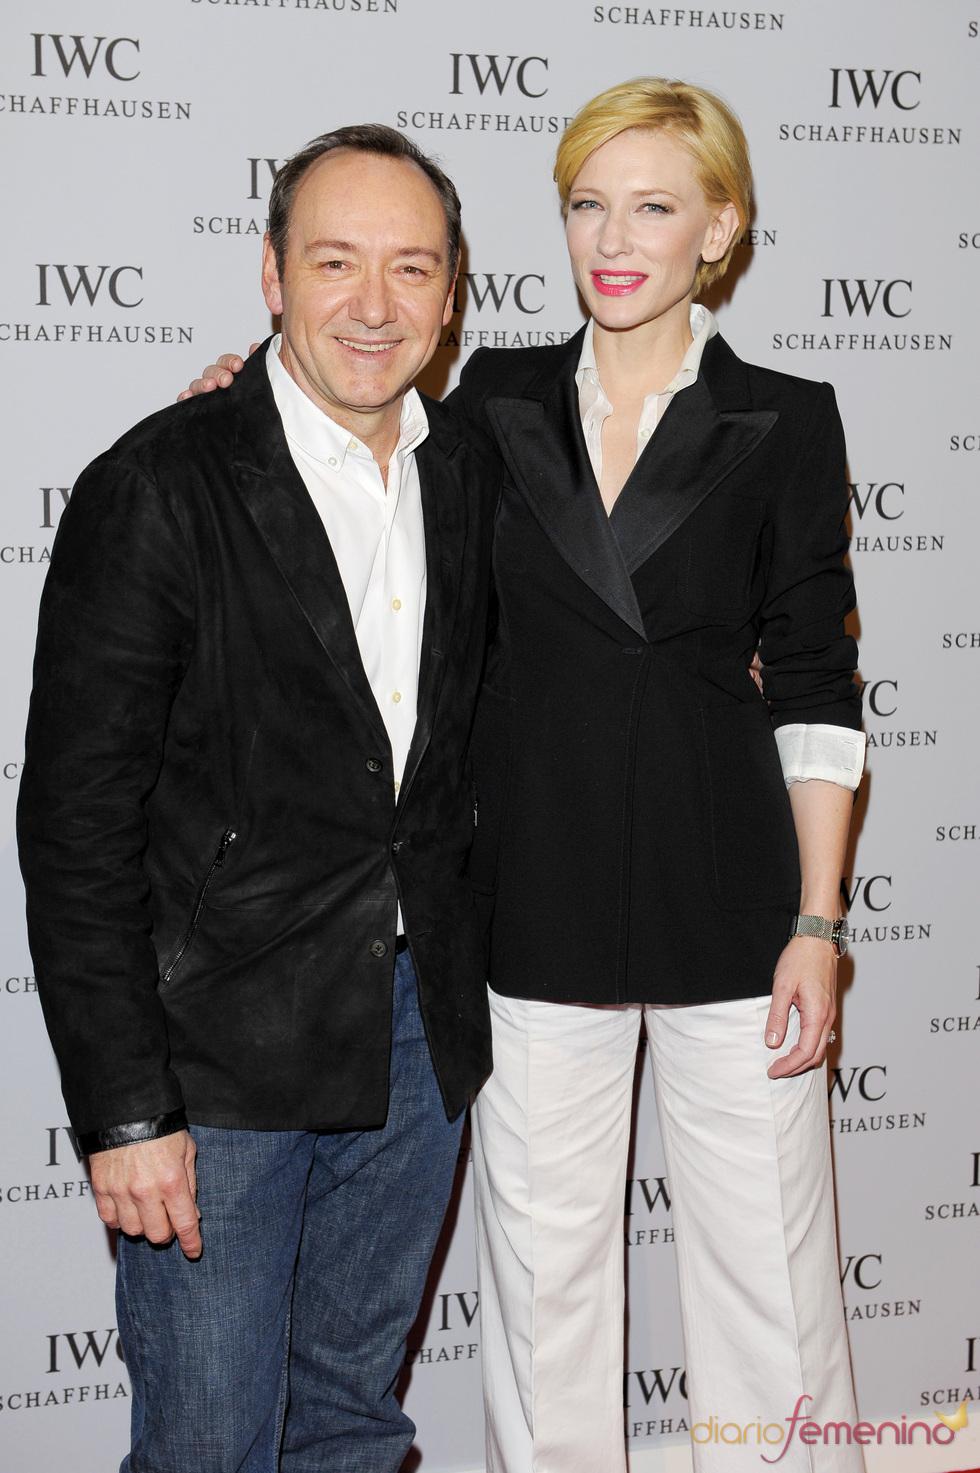 Kevin Spacey y Cate Blanchett  en el Salón Internacional de la Alta Relojería